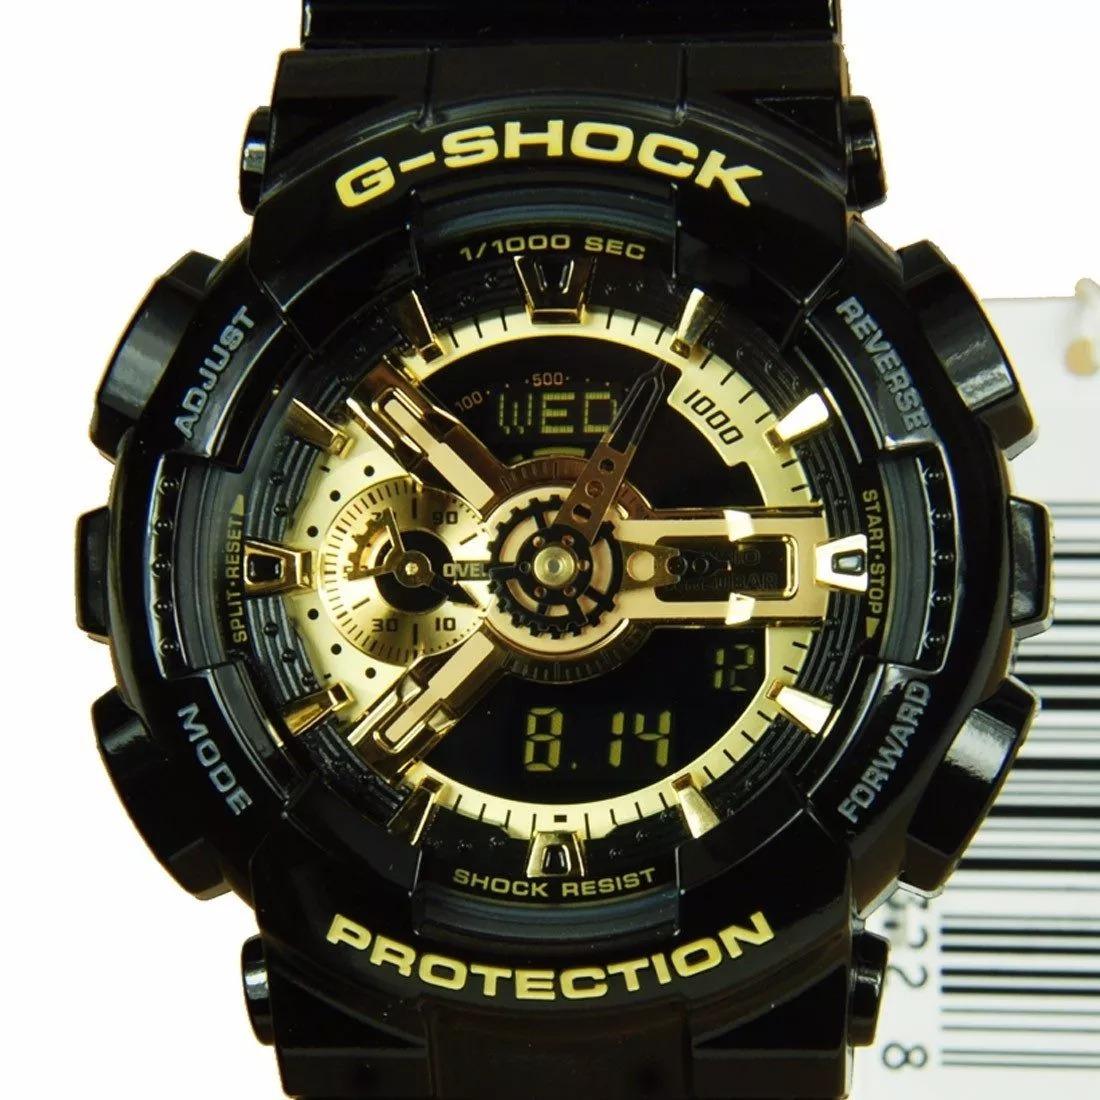 8b42740f0fc Carregando zoom. relógio casio g-shock ga-500-7a branco lançamento ga500